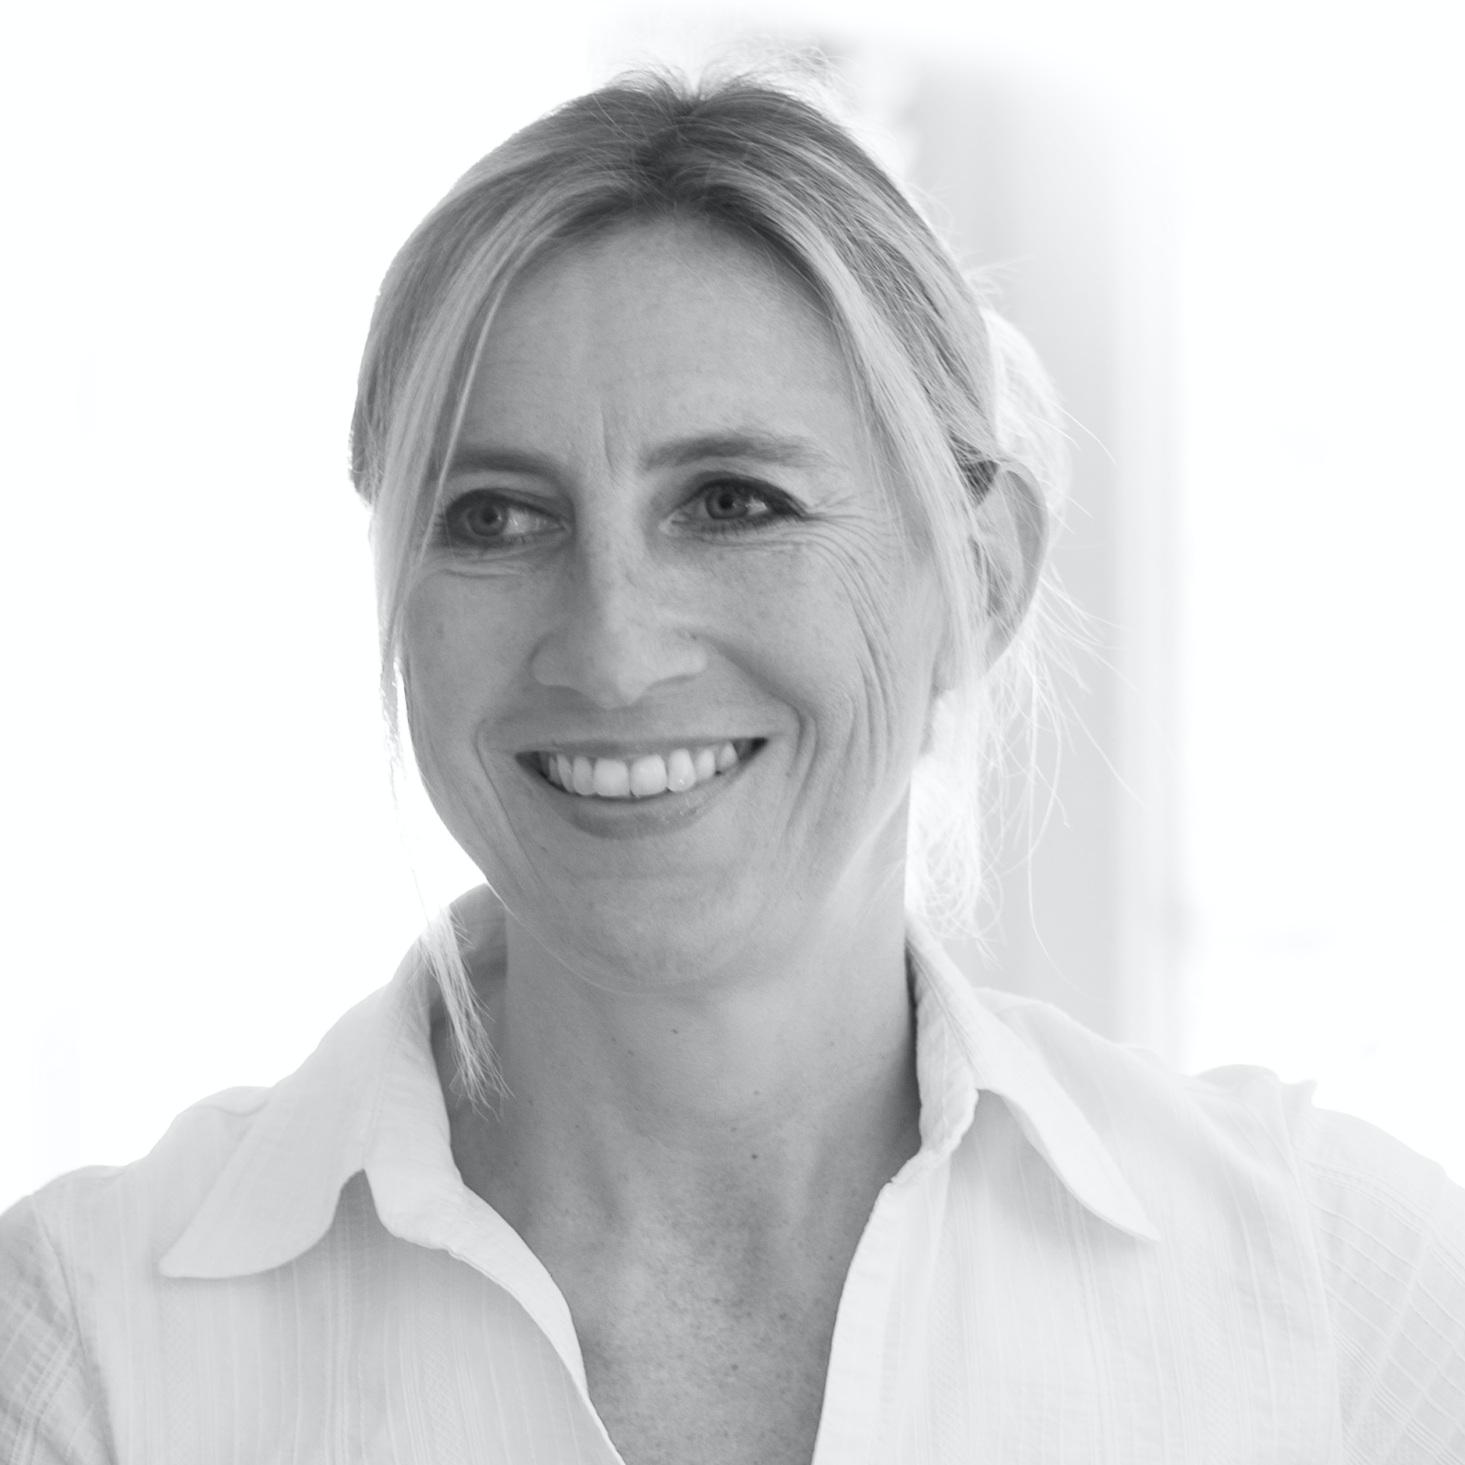 JANINE BOSSHARDT     ....Chef de projets en Suisse Alémanique..Project Manager in German-speaking Switzerland....   ....Janine Bosshardt conseille et accompagne des entreprises dans la planification et exécution de leurs activités de communication et marketing, et de leurs relations de presse, en particulier dans l'hôtellerie et la restauration et dans les secteurs d'alimentation et des voyages depuis 2004. Basée à Schwerzenbach / Zurich, Janine collaborait avec PR & co depuis 2014, avant de rejoindre officiellement l'équipe en 2019. ..Janine Bosshardt advises and assists companies in the planning and execution of their communication and marketing activities, as well as their press relations, particularly in the hotel and catering industry and in the food and travel sectors since 2004. Based in Schwerzenbach / Zurich, Janine has been working with PR & co since 2014, before officially joining the team in 2019. ....